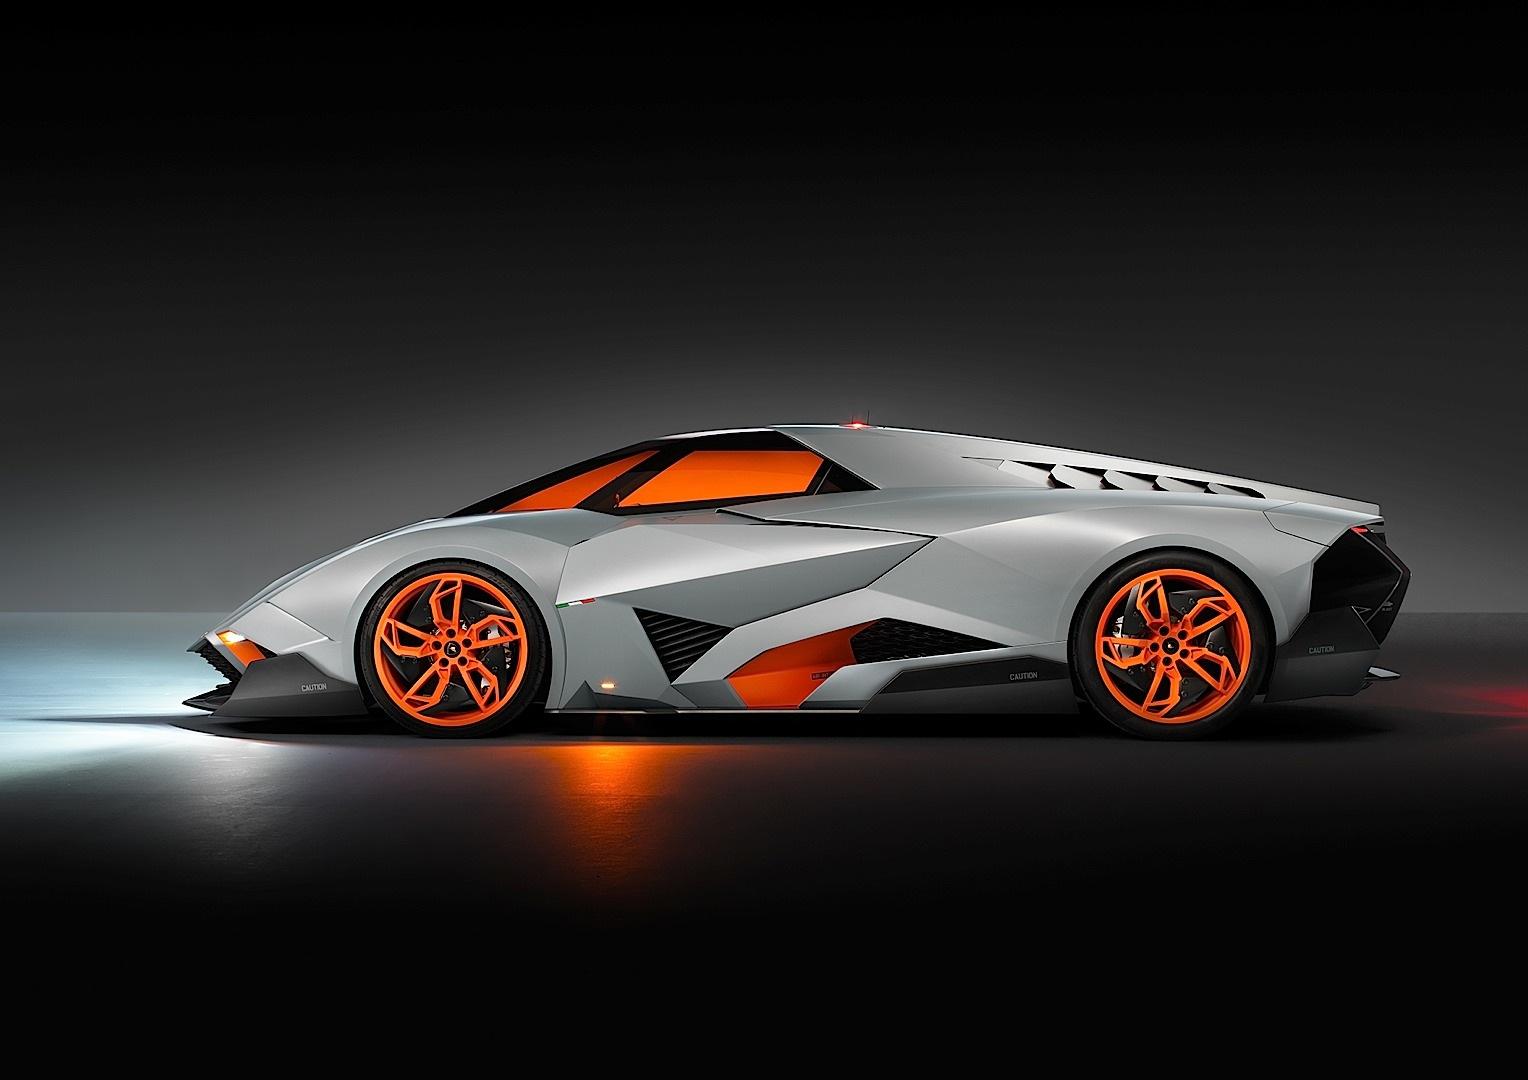 Lamborghini Egoista Concept Is The Car Of The Half Century